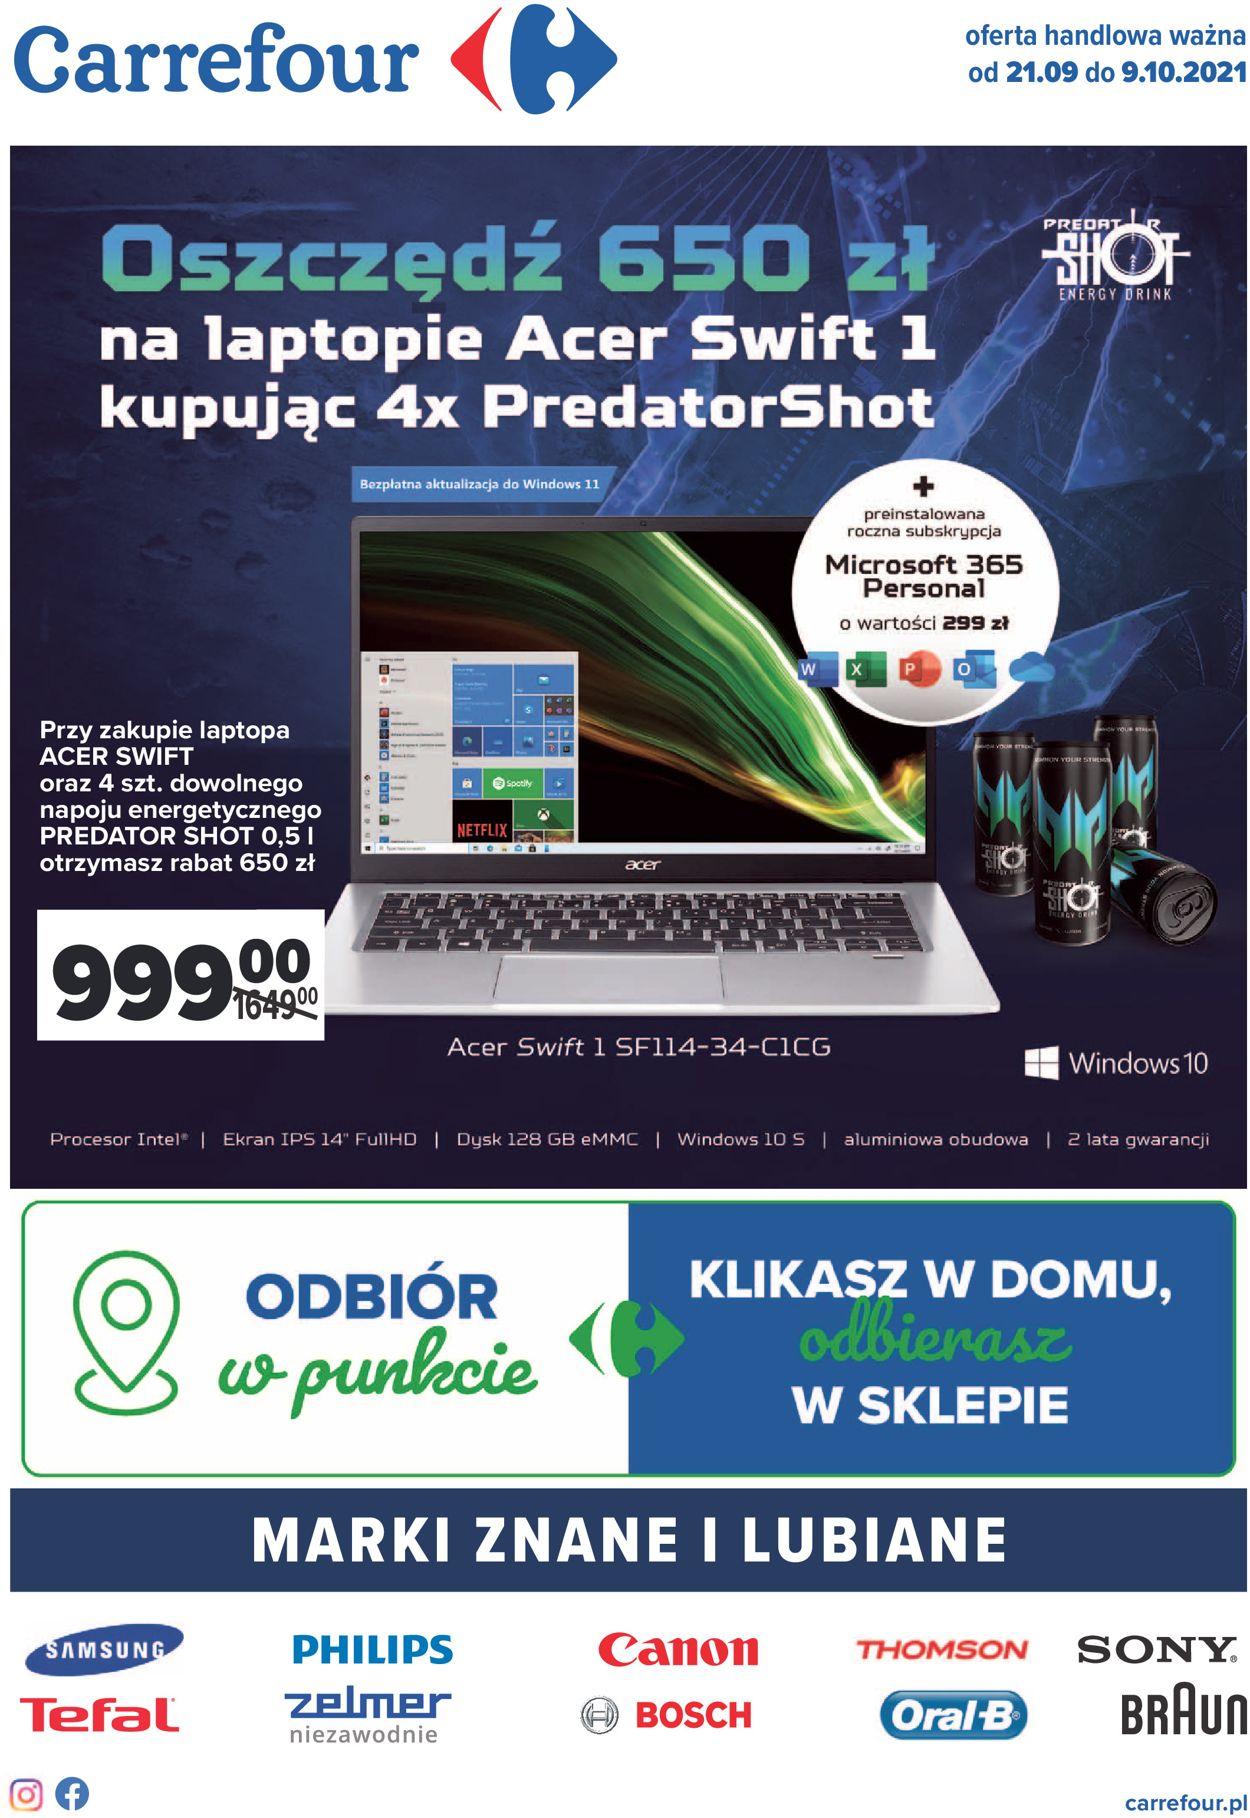 Gazetka promocyjna Carrefour - 21.09-09.10.2021